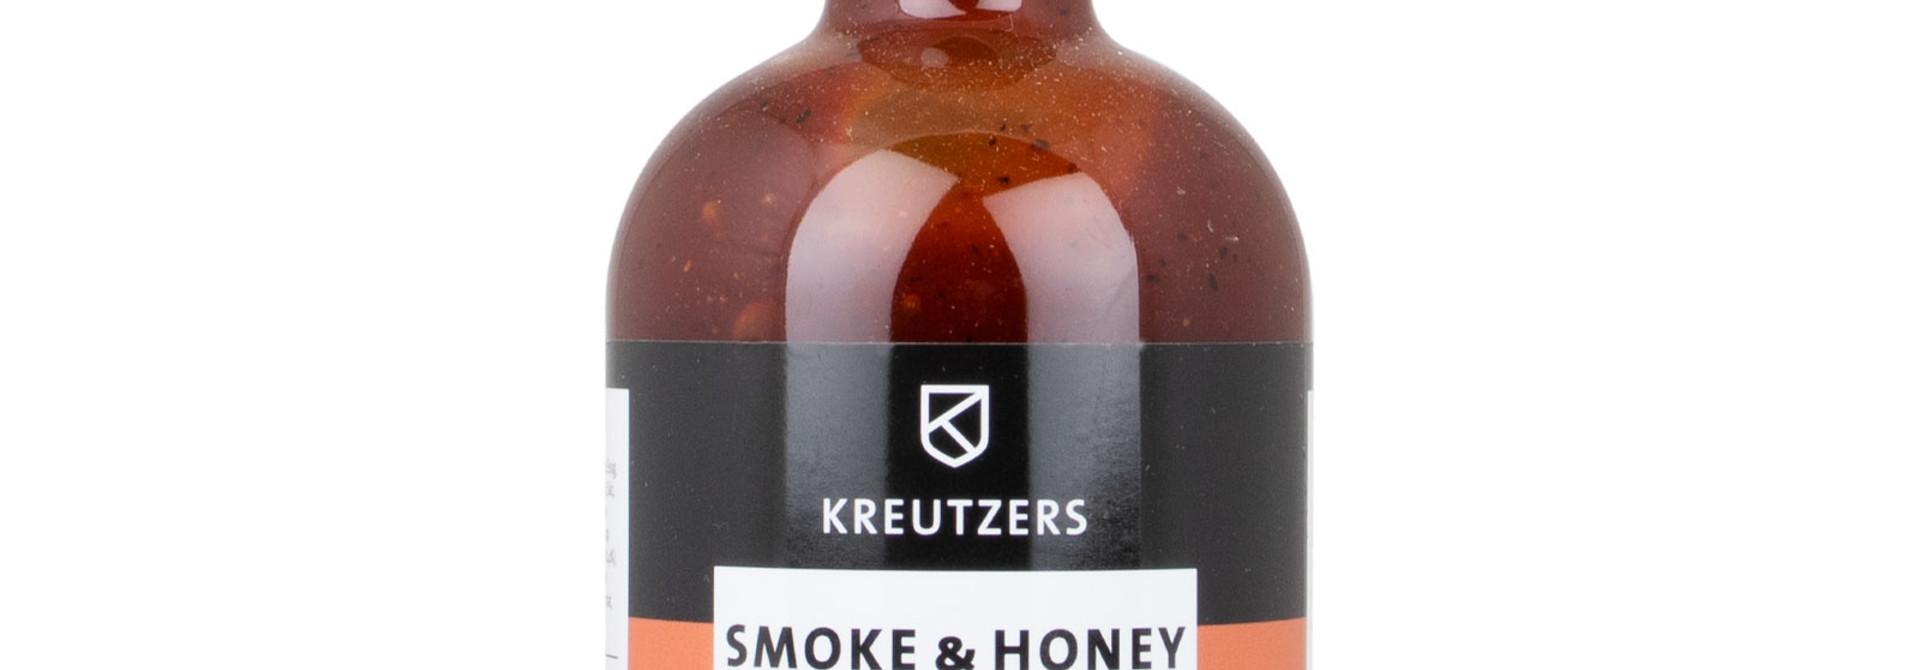 Saus.Guru X Kreutzers - Smoke & Honey